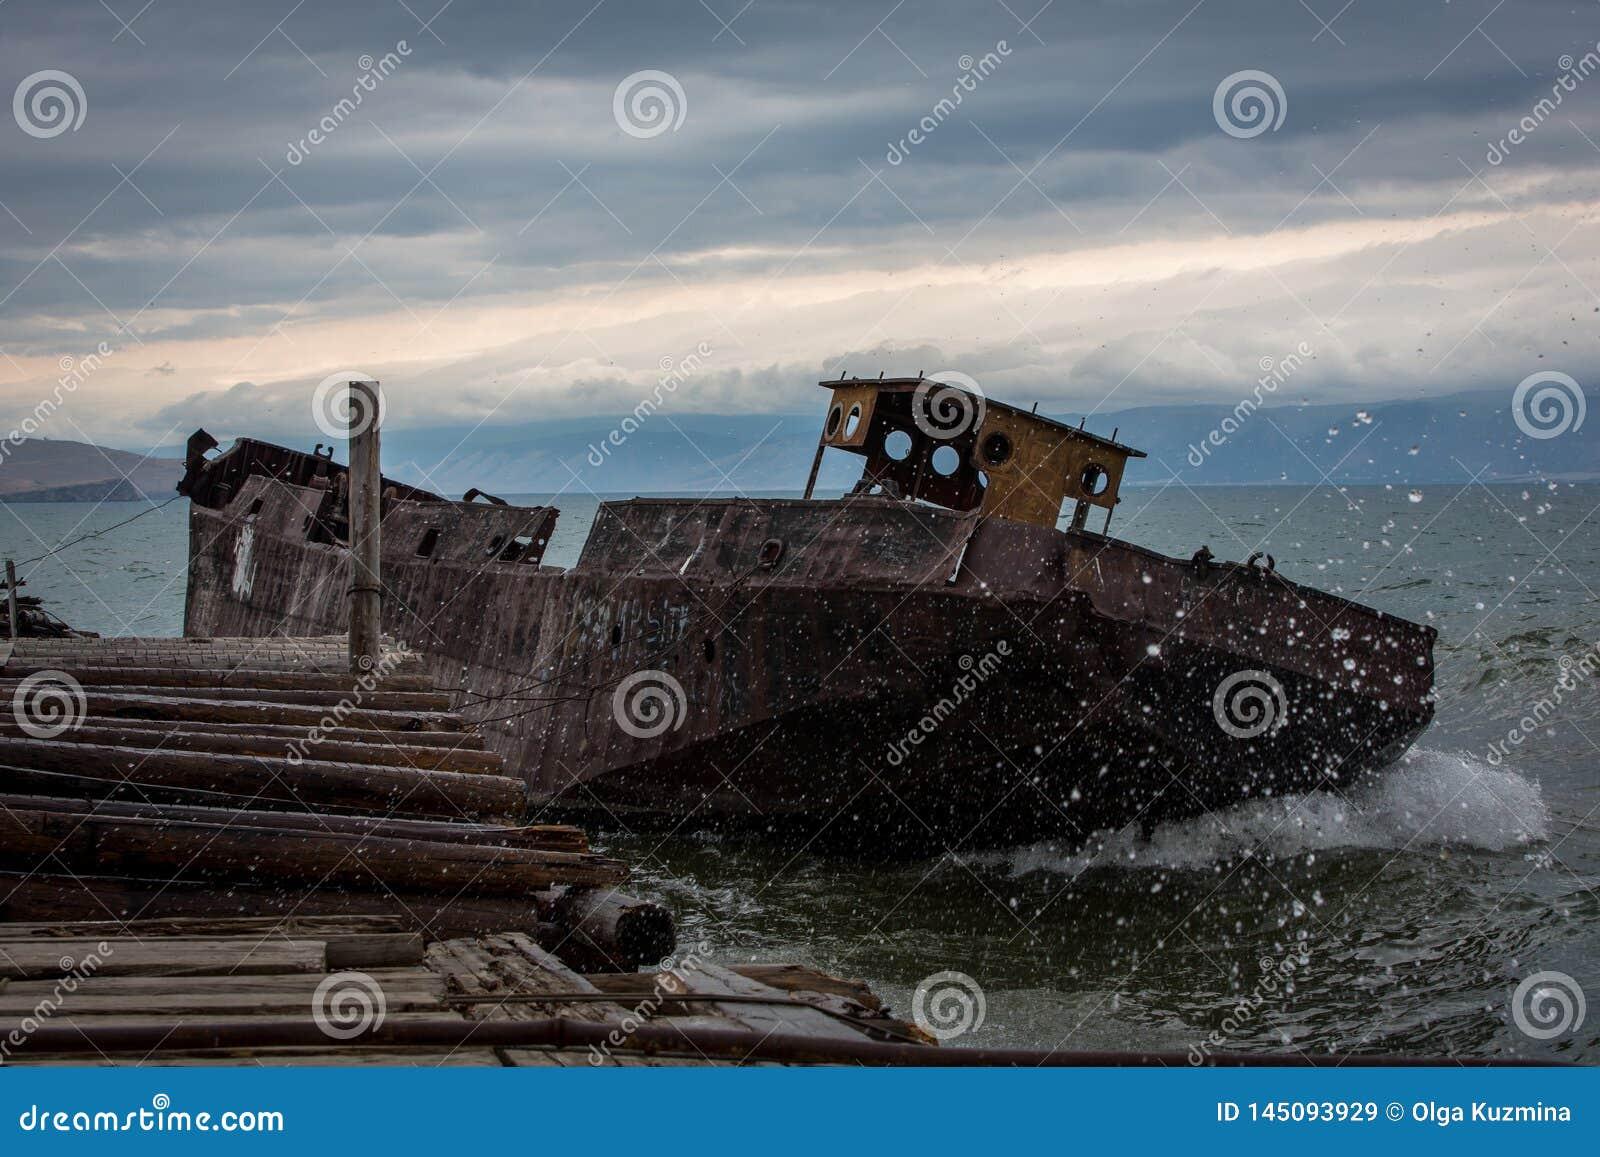 Oud, roestig schip dichtbij de pijler Grote golvenvloed het dek De zomer bewolkte avond